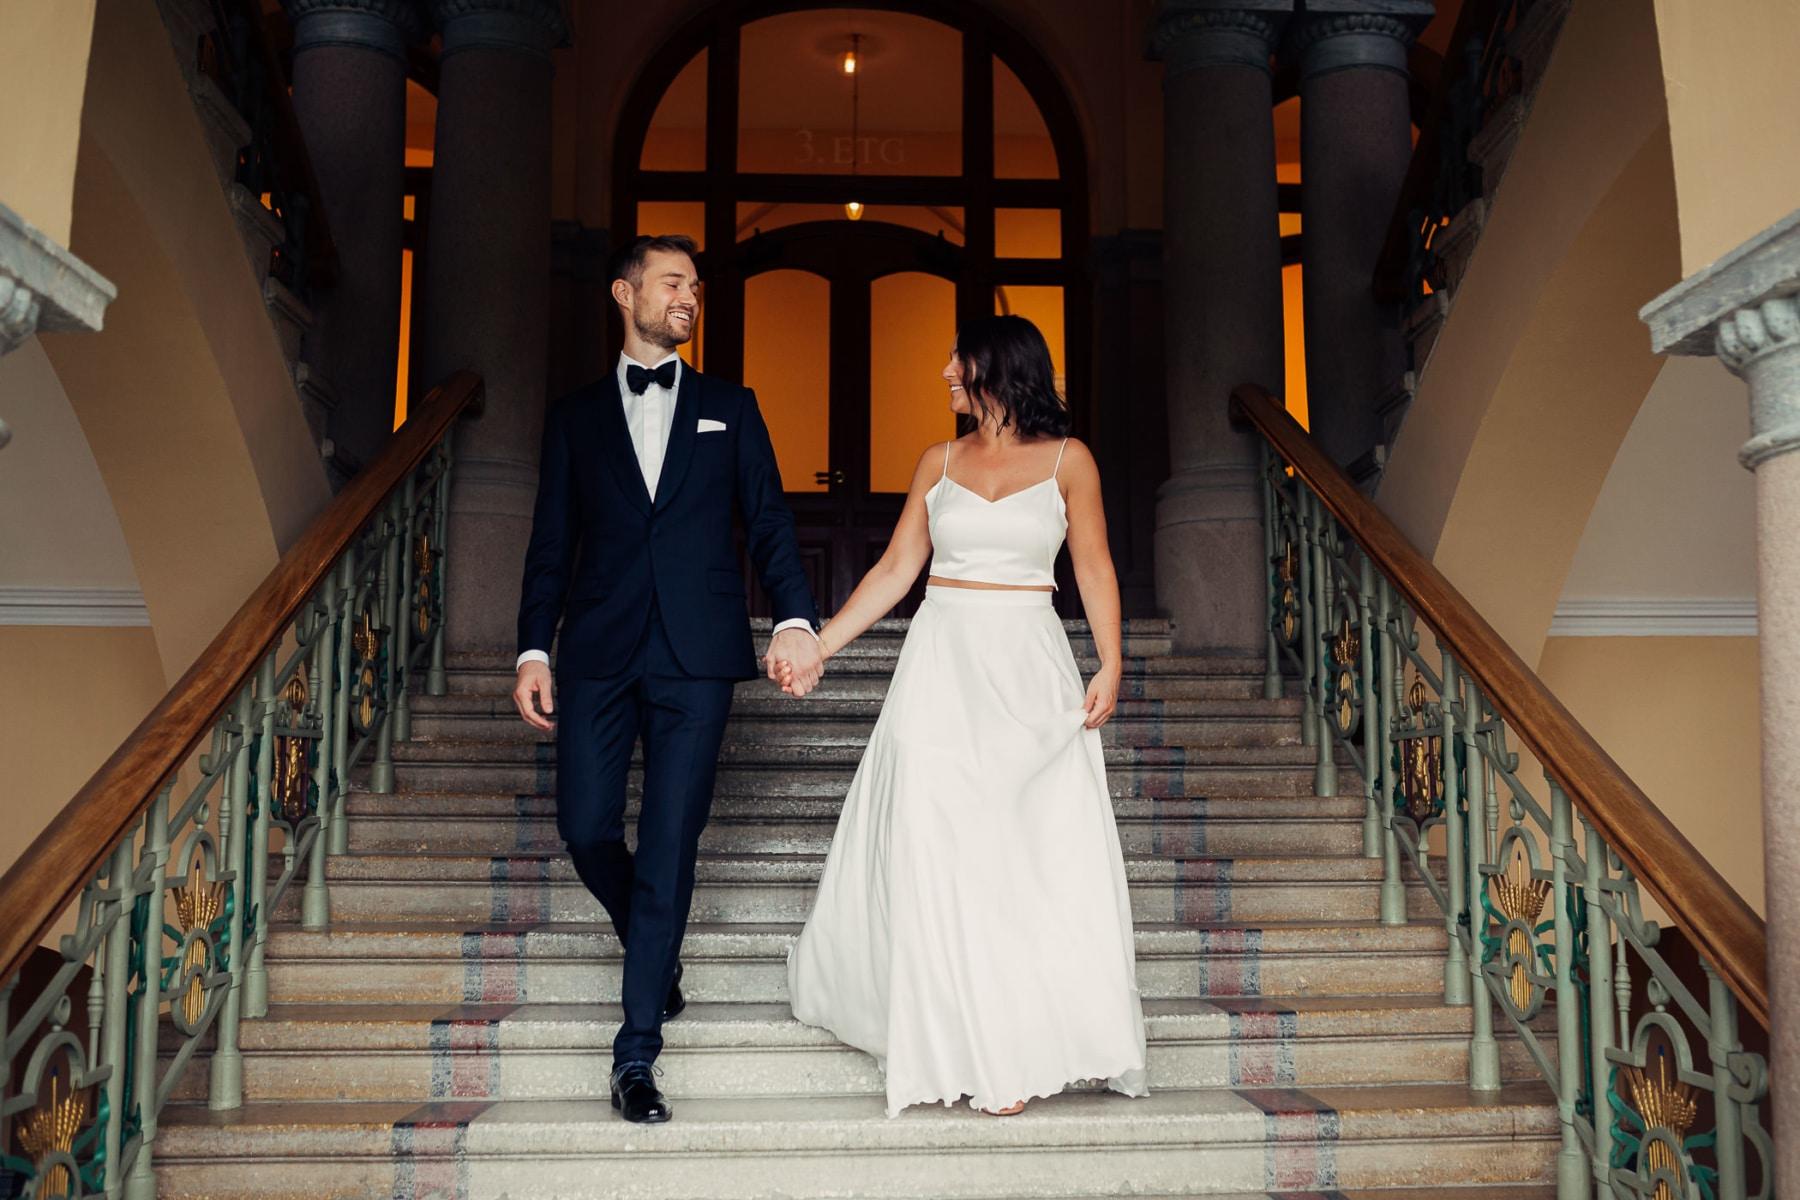 Caroline & Bendik - avslappet og morsomt bryllup i Ski Fotograf bryllup ski 11 Brudepar